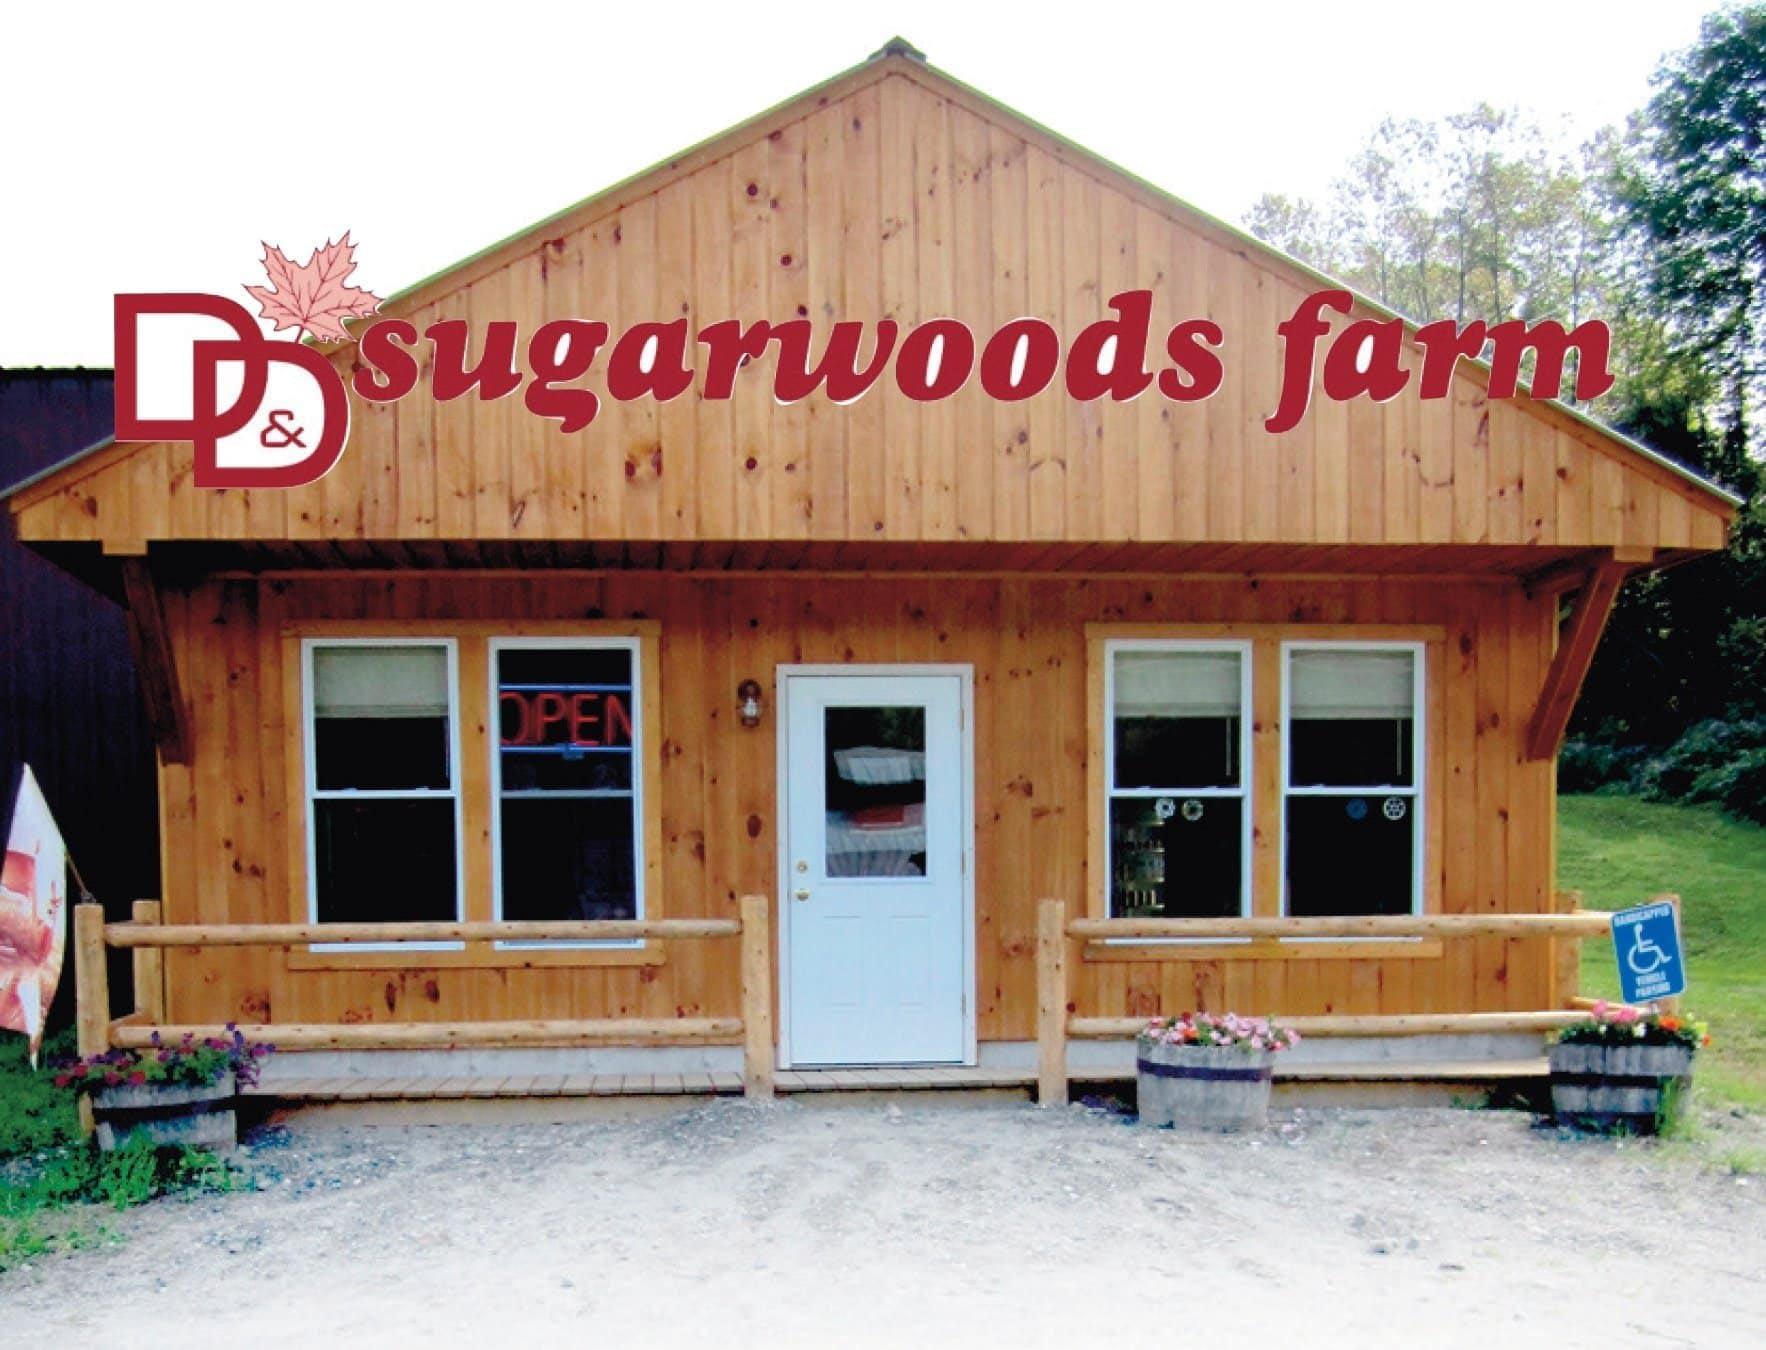 D&D Sugarwoods Farm - Glover Vermont